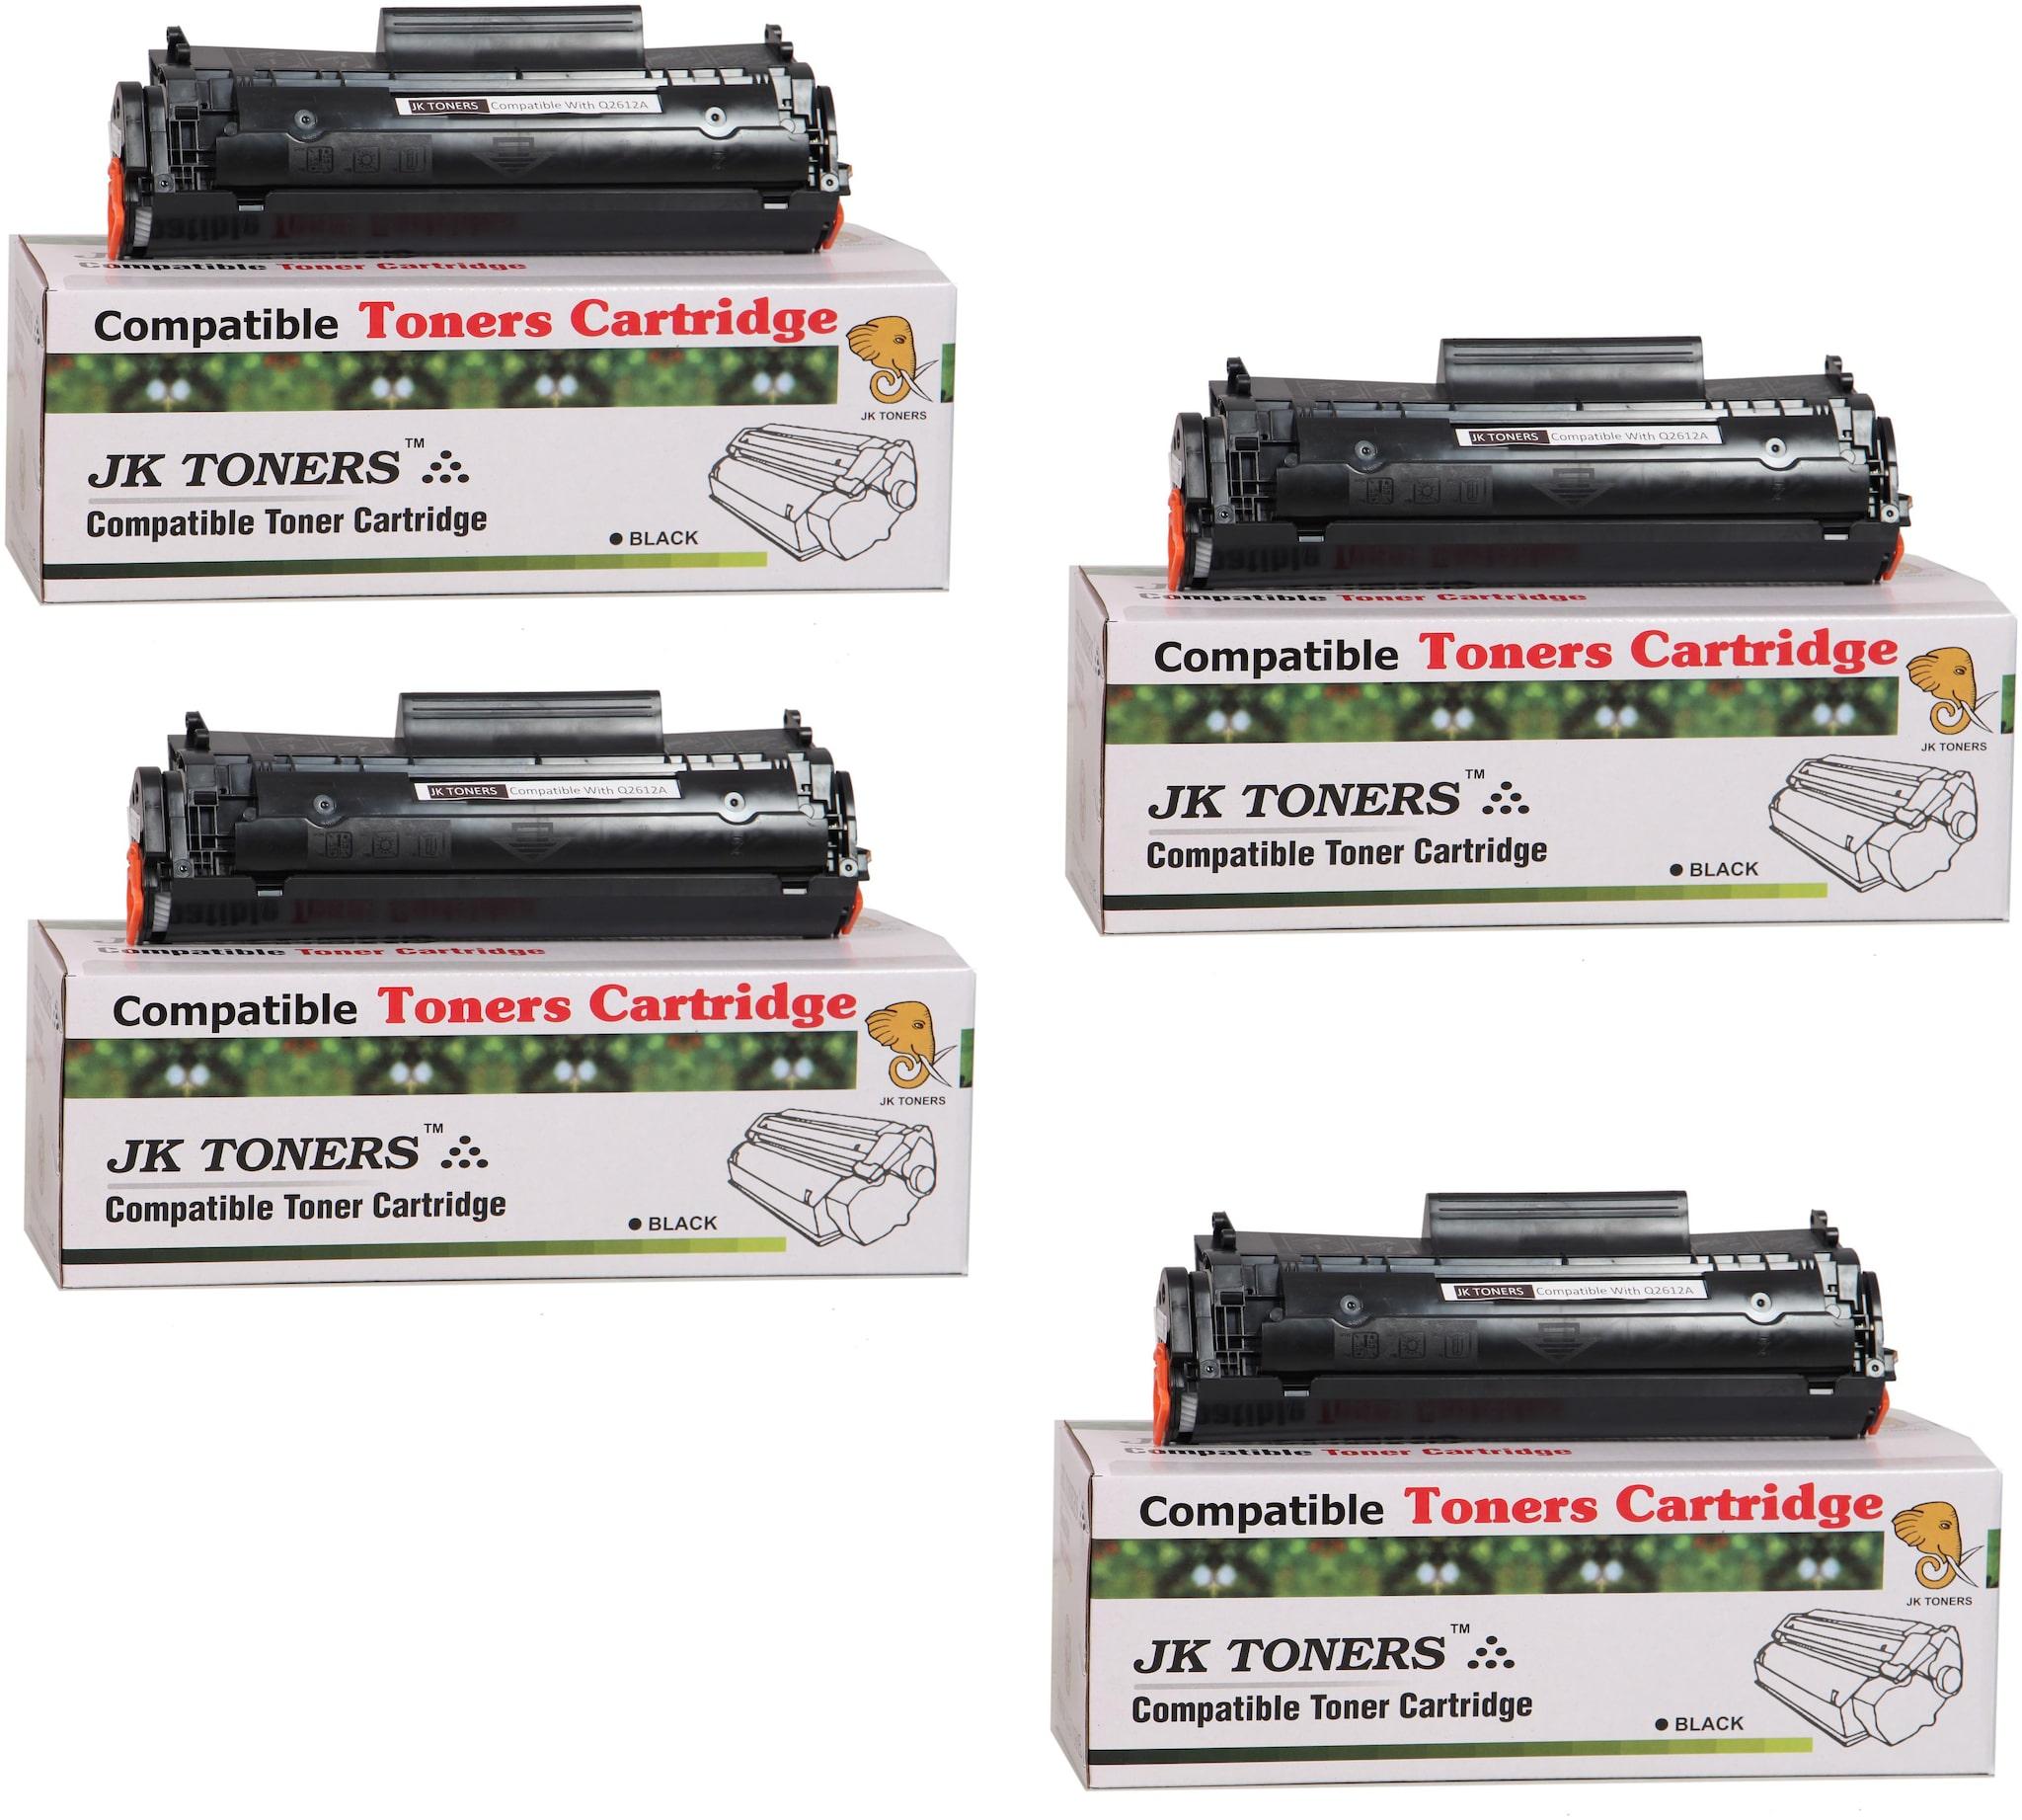 JK Toners 12A Toner Cartridge Compatible for HP LaserJet   1010 1012 1015 1018 1020 1022 1022n 3020 3030 3050 3052 3055 M1005 M1319f Single Color Ink